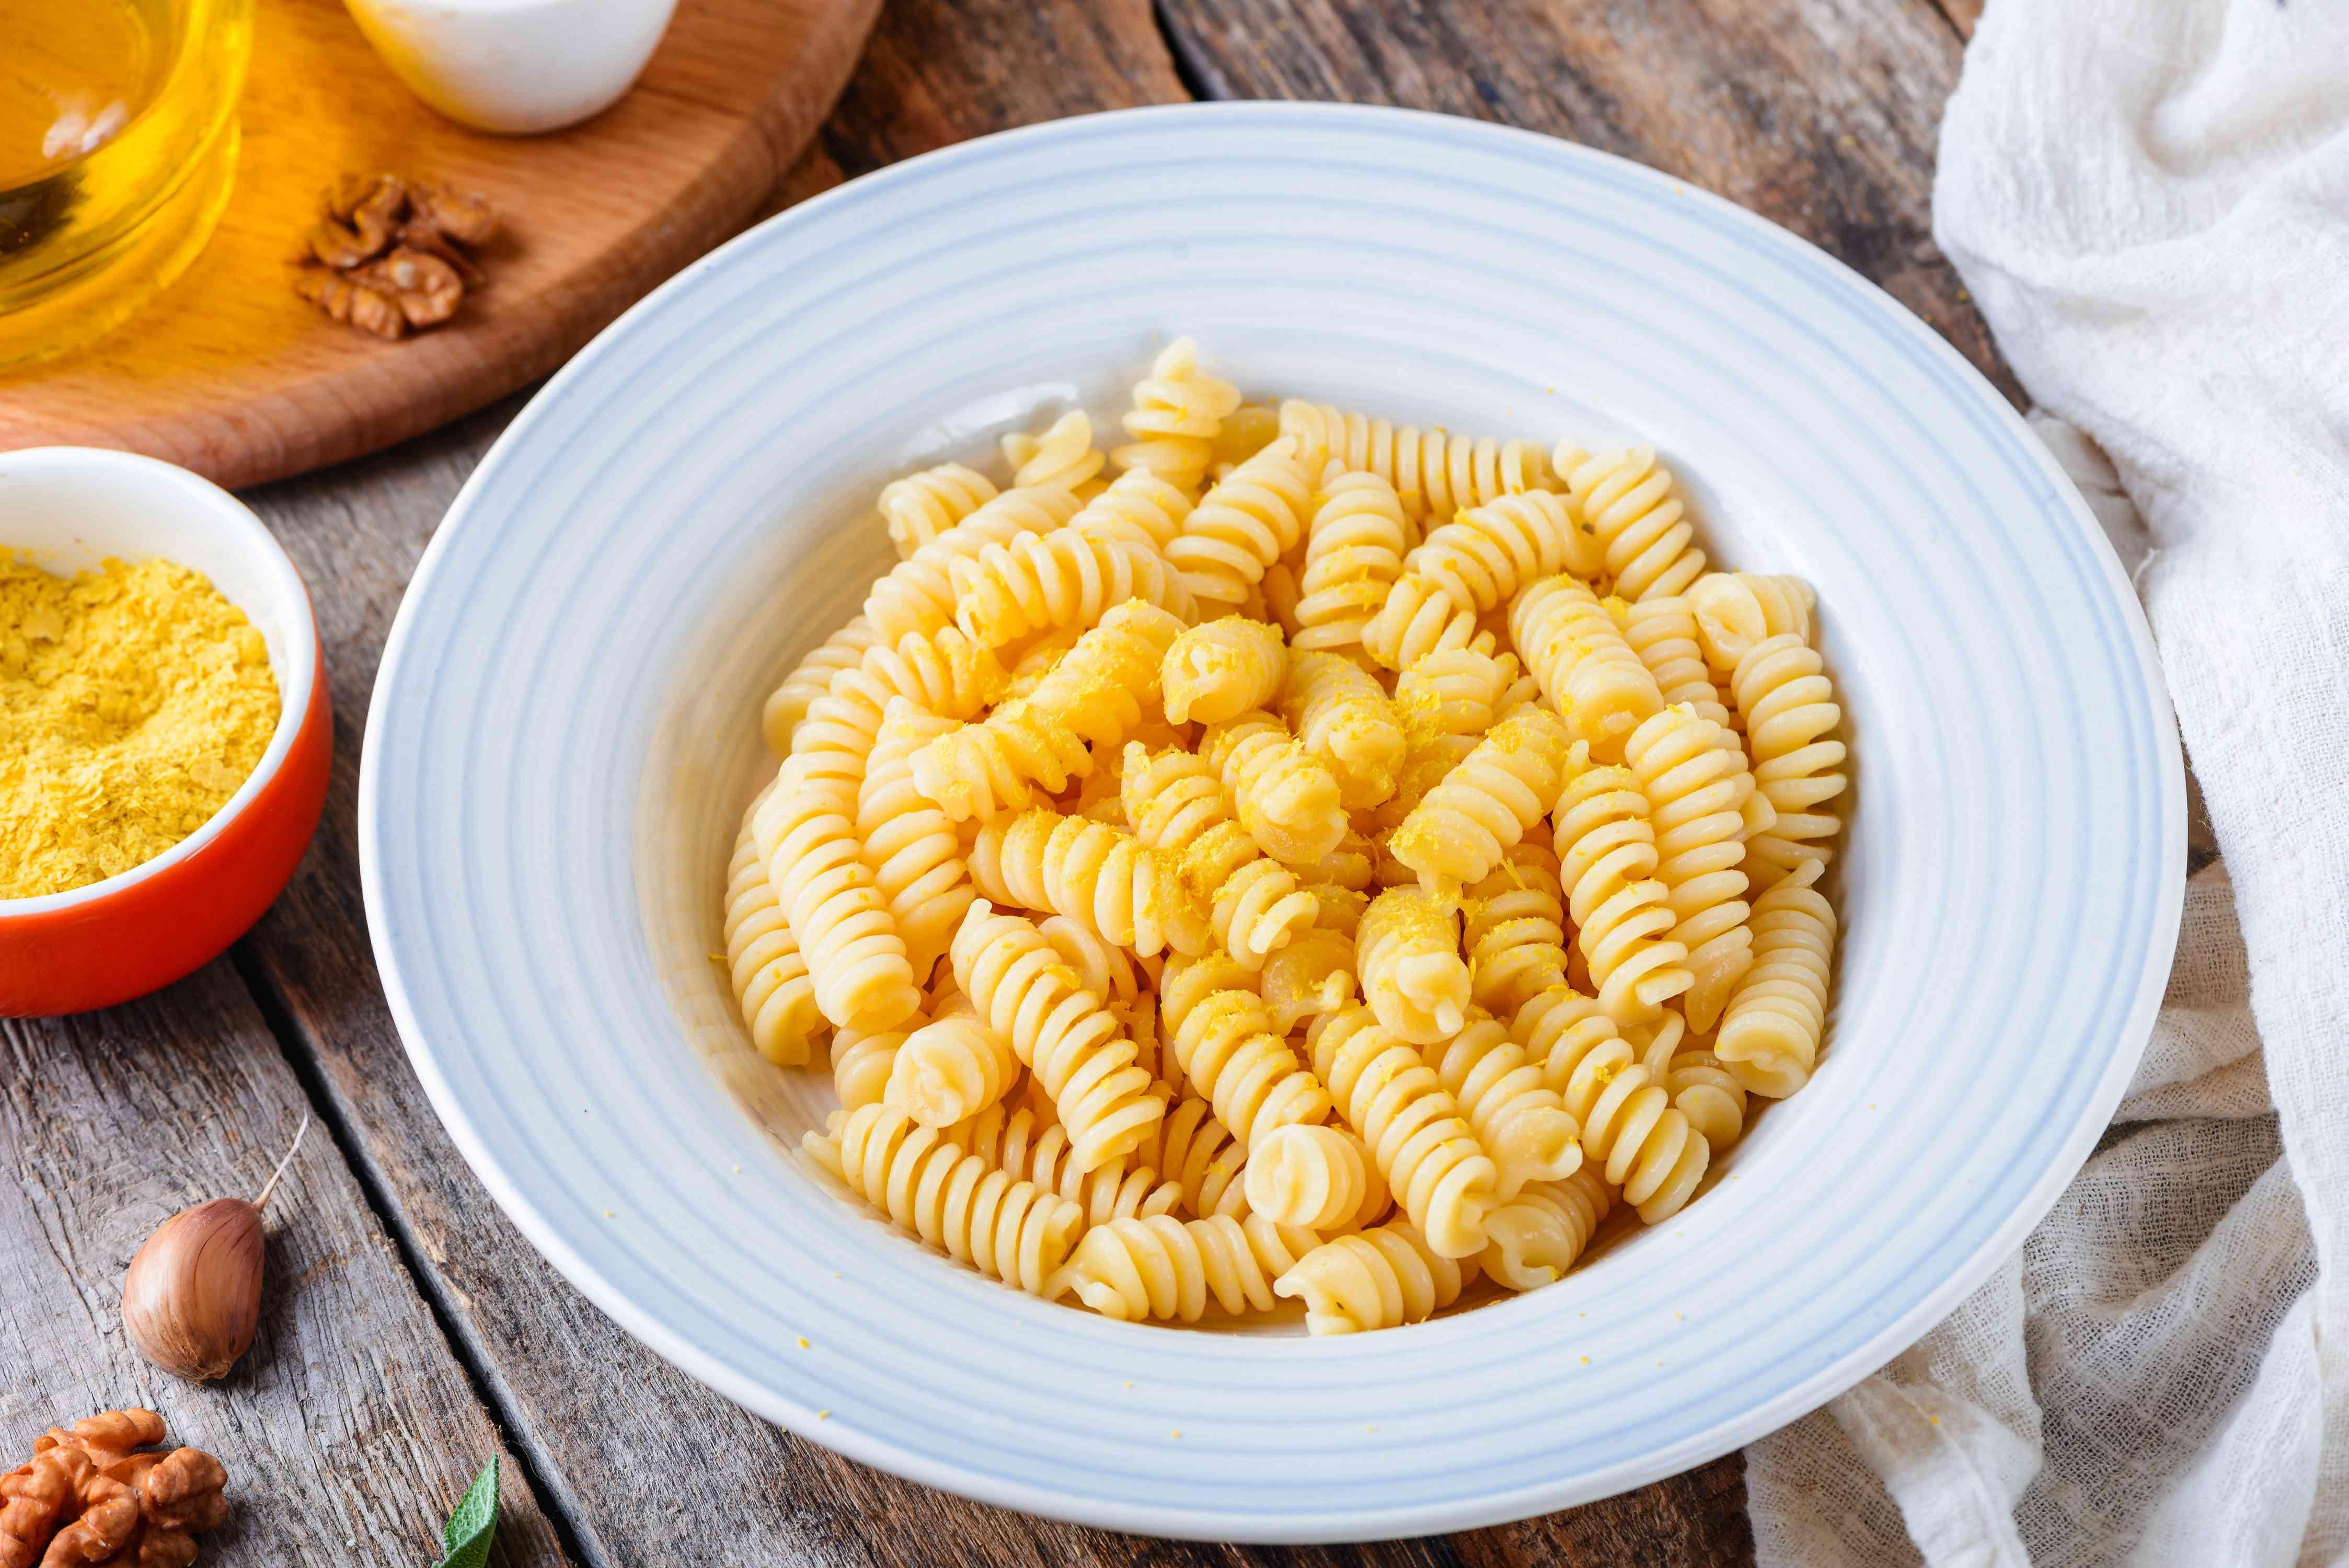 Sprinkle top of pasta